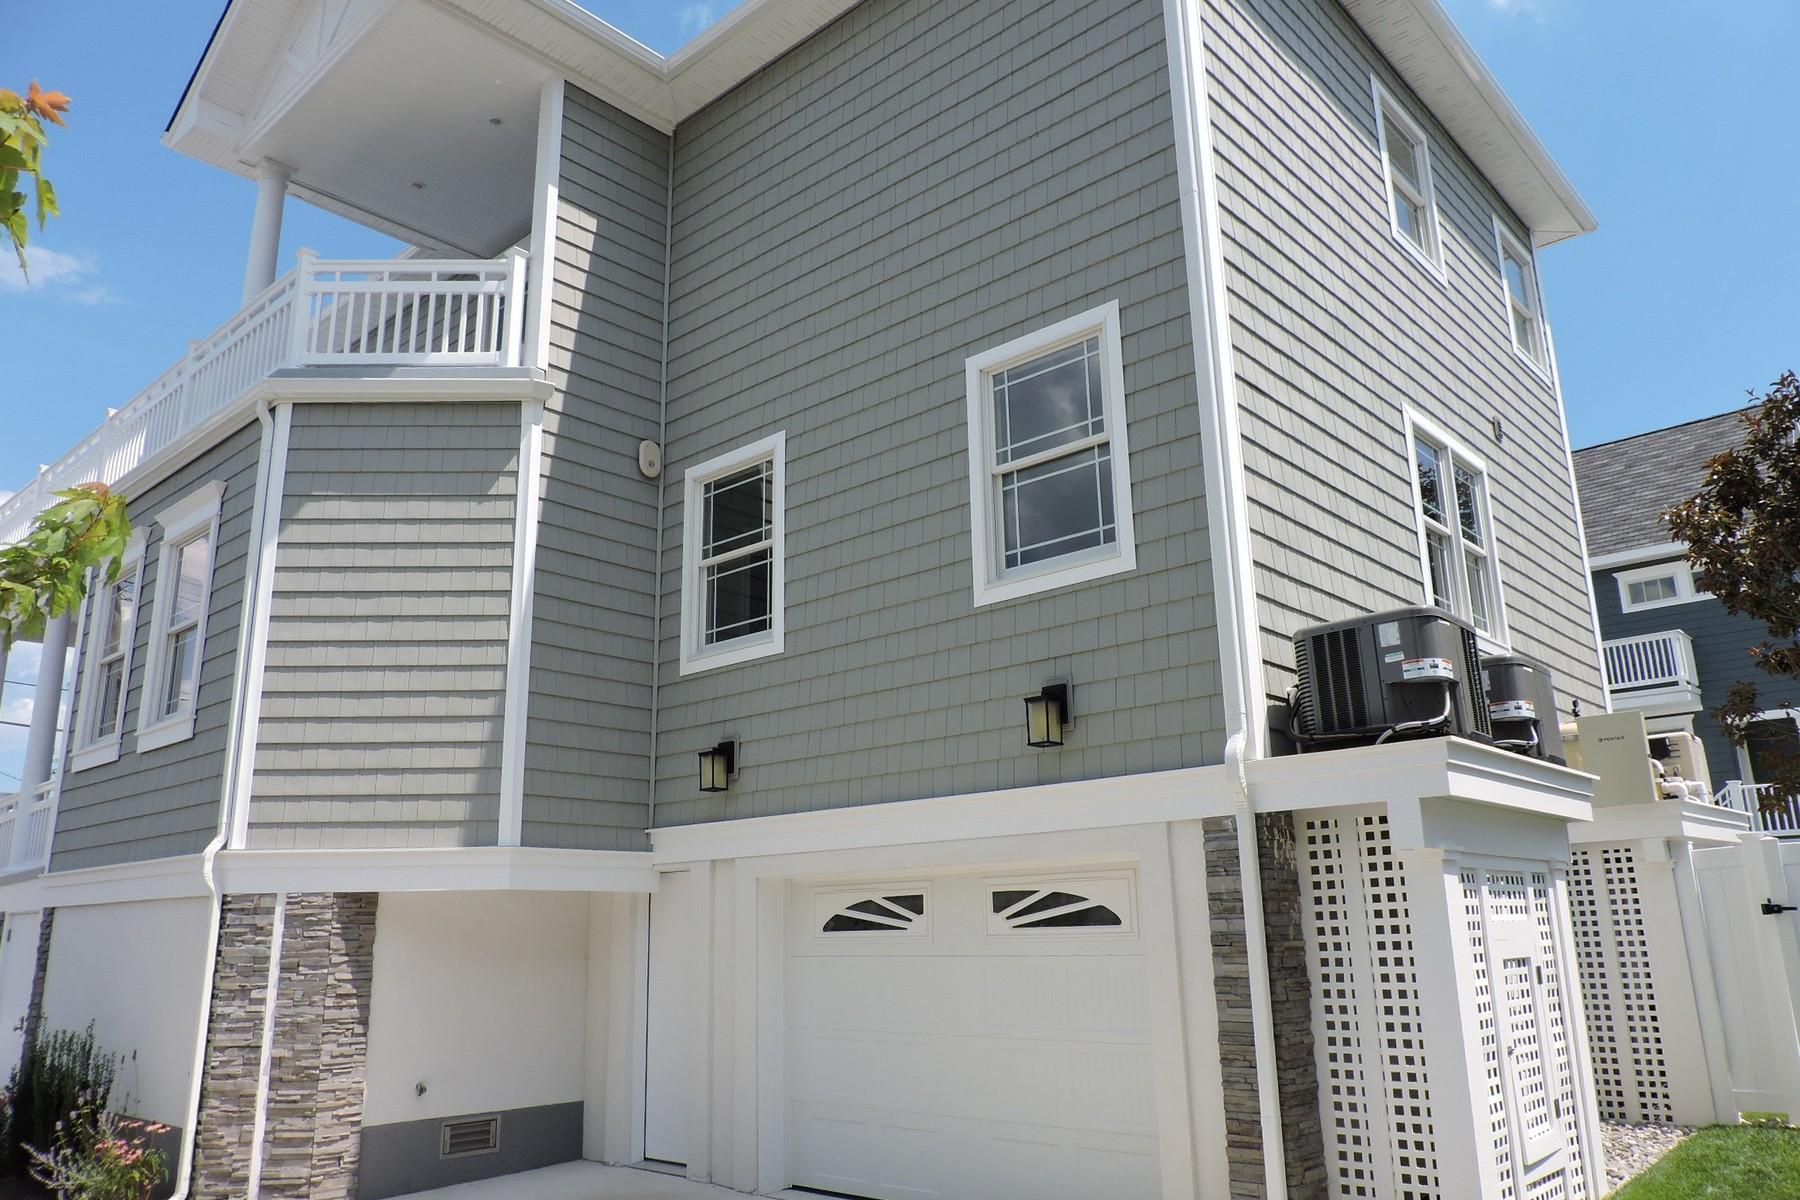 Maison unifamiliale pour l Vente à 108 N 32nd Longport, New Jersey 08403 États-Unis